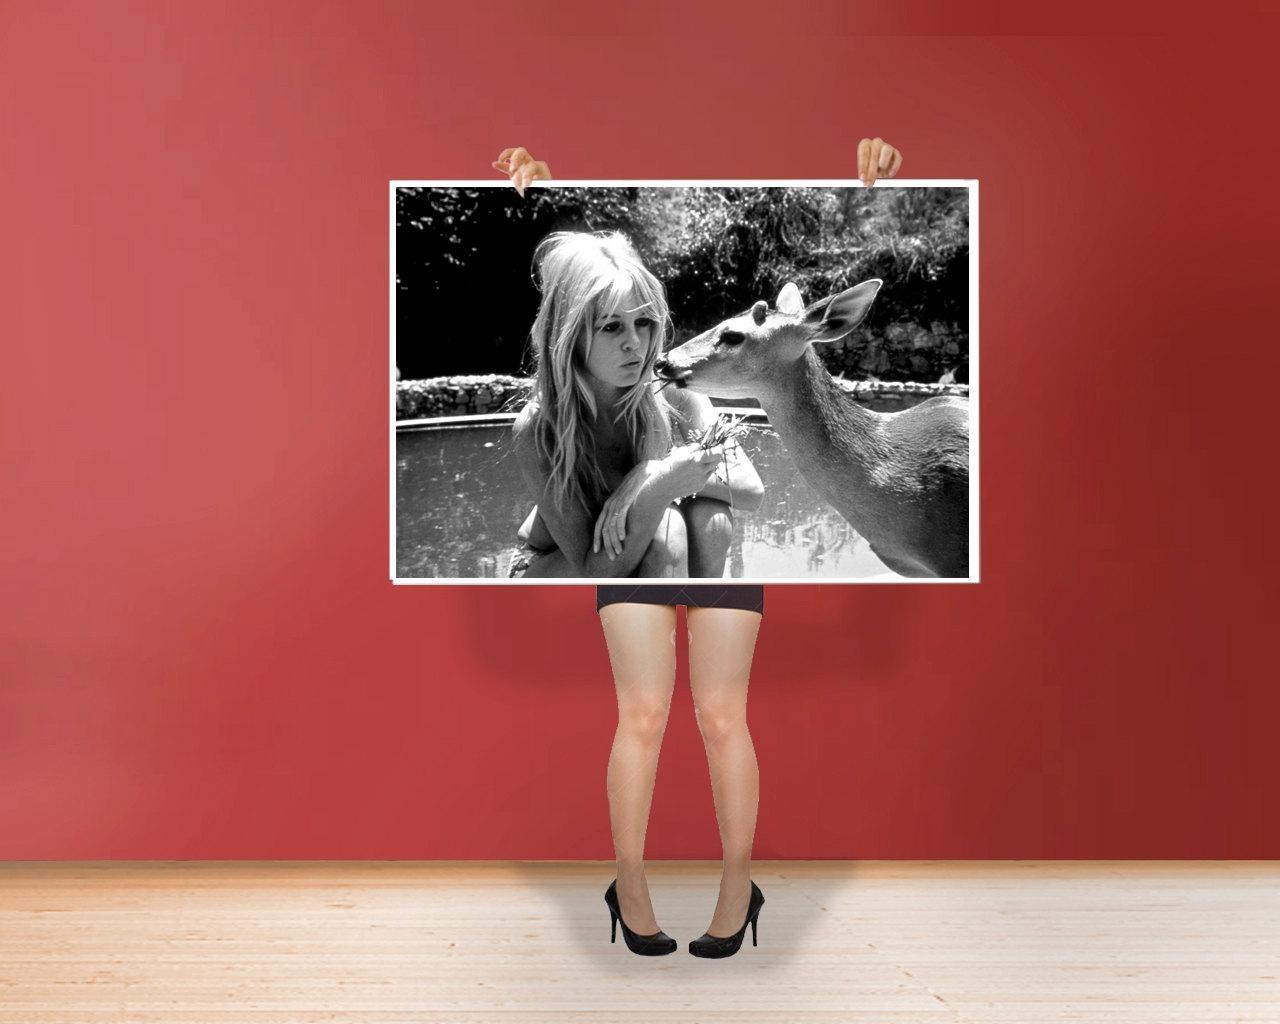 Brigitte Bardot With Deer Classic Art Print Poster Cotton Inside Steve Mcqueen Wall Art (Image 5 of 20)